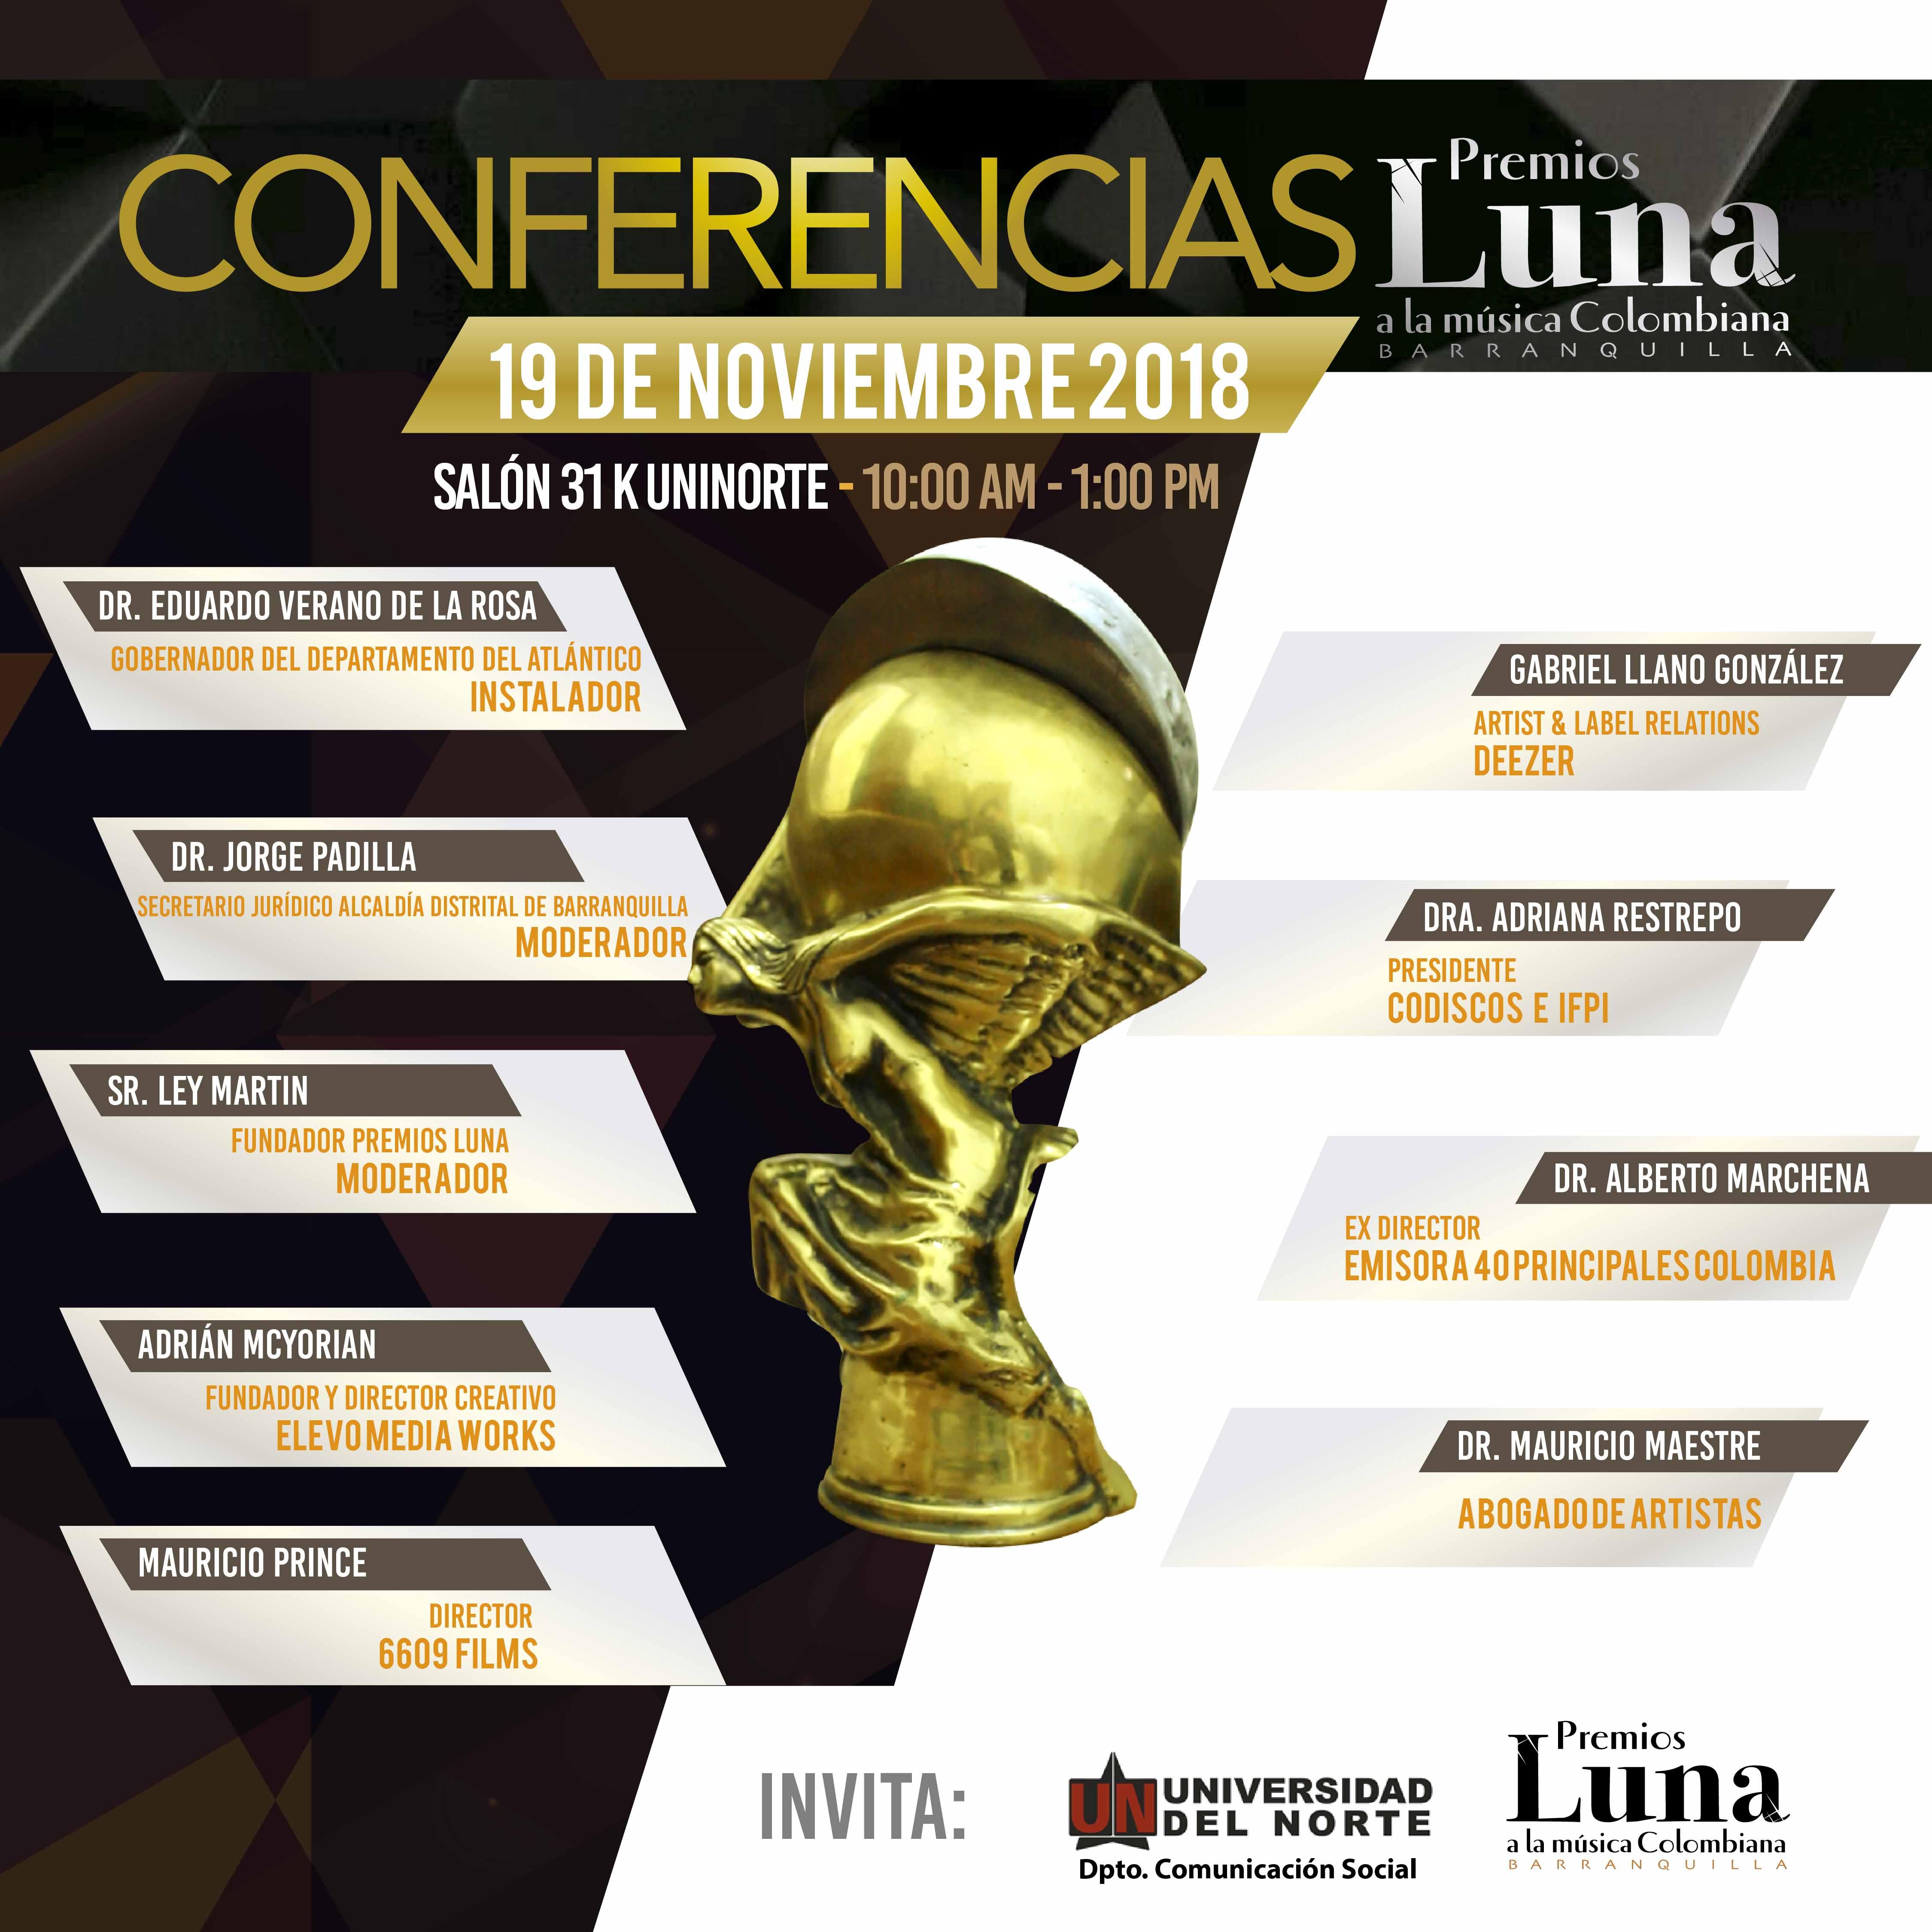 poster conferencias premios luna